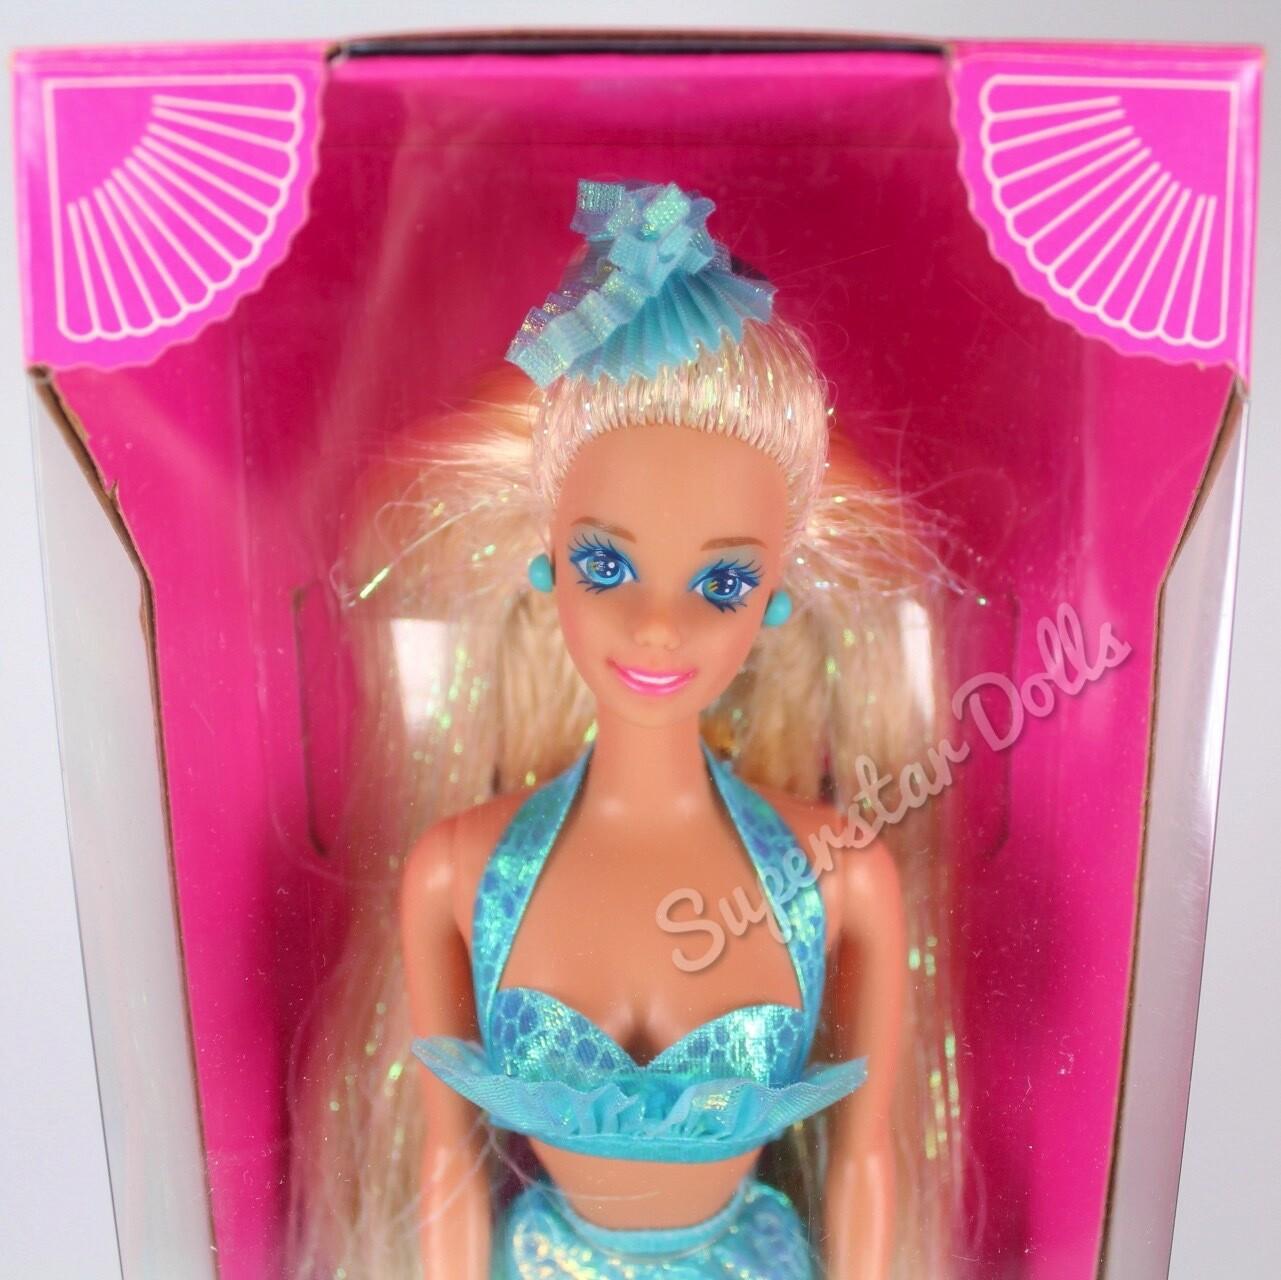 1991 Mermaid Barbie Doll